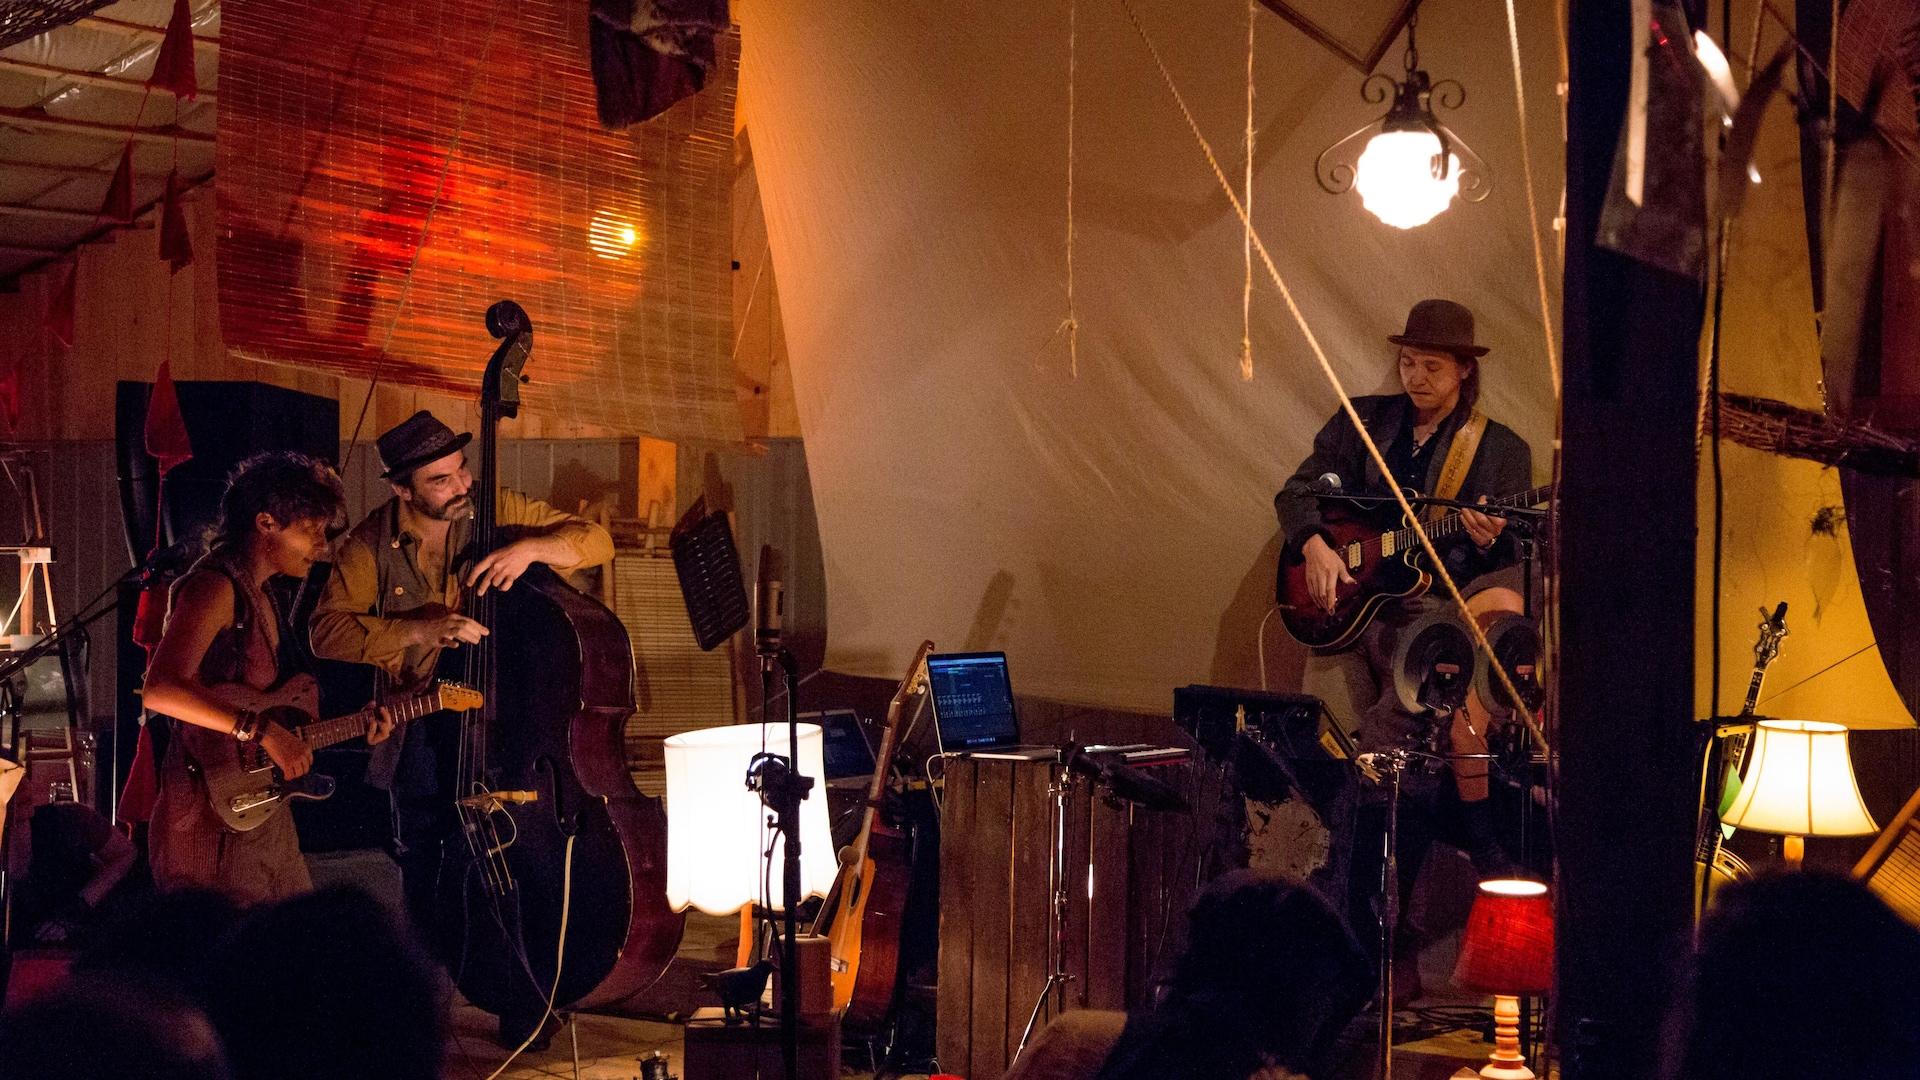 Liliane Pellerin sur une scène avec d'autres musiciens.